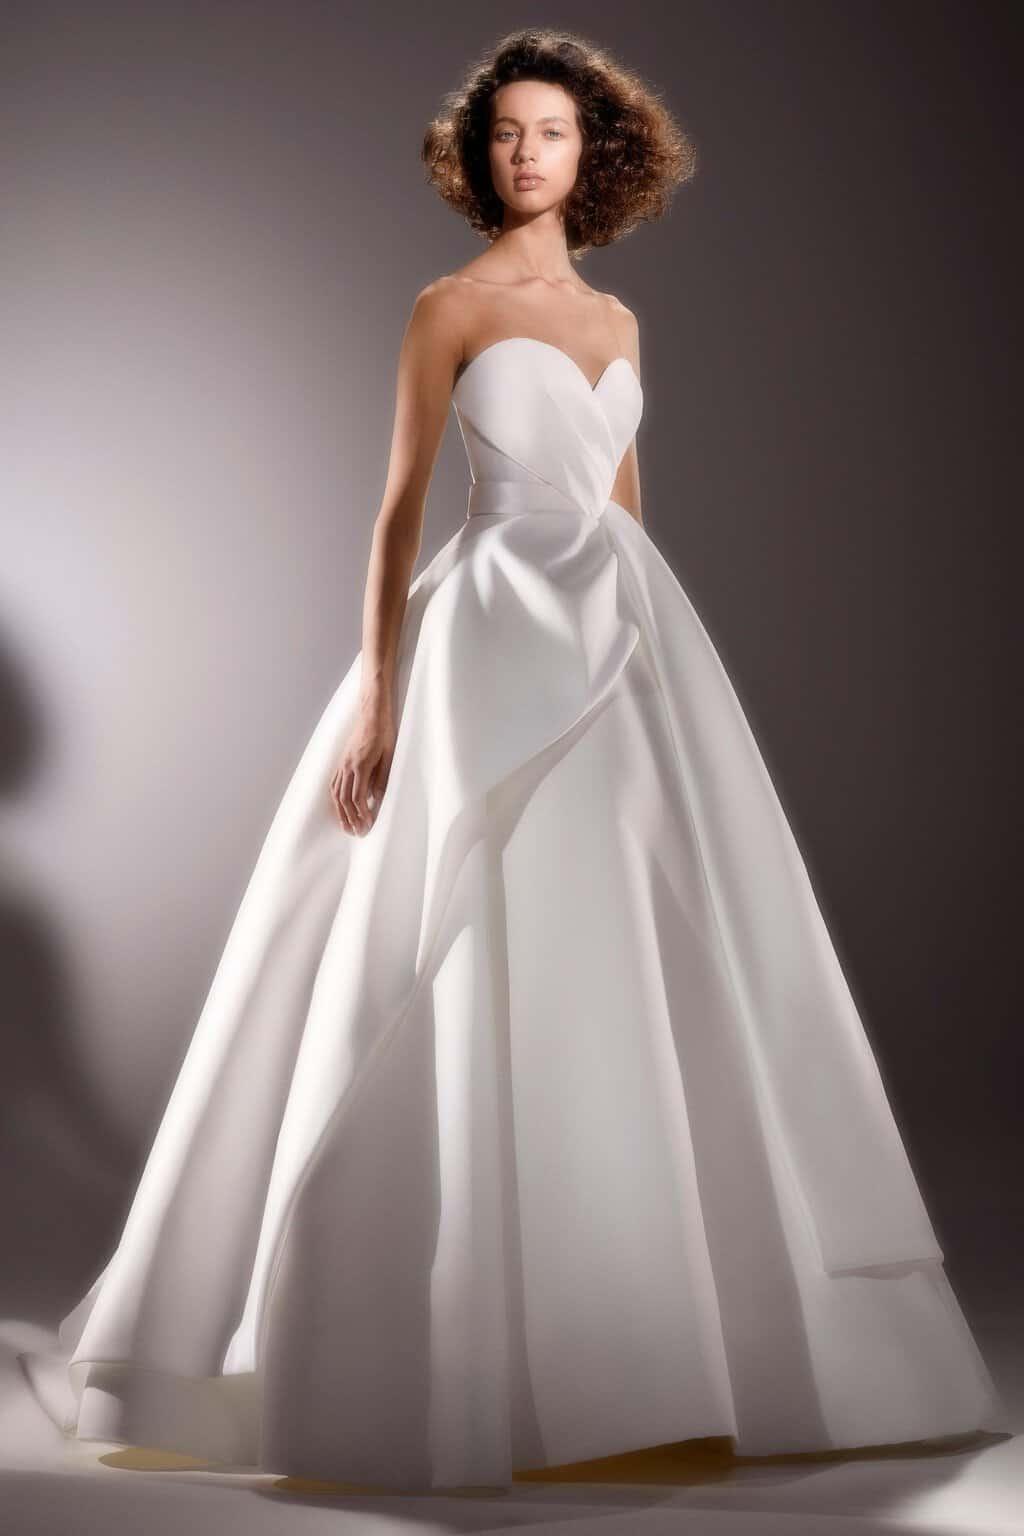 vestido-de-noiva-sem-renda-Viktor_Rolf_MariageVI_by_Marijke_Aerden_1034_.width-1920